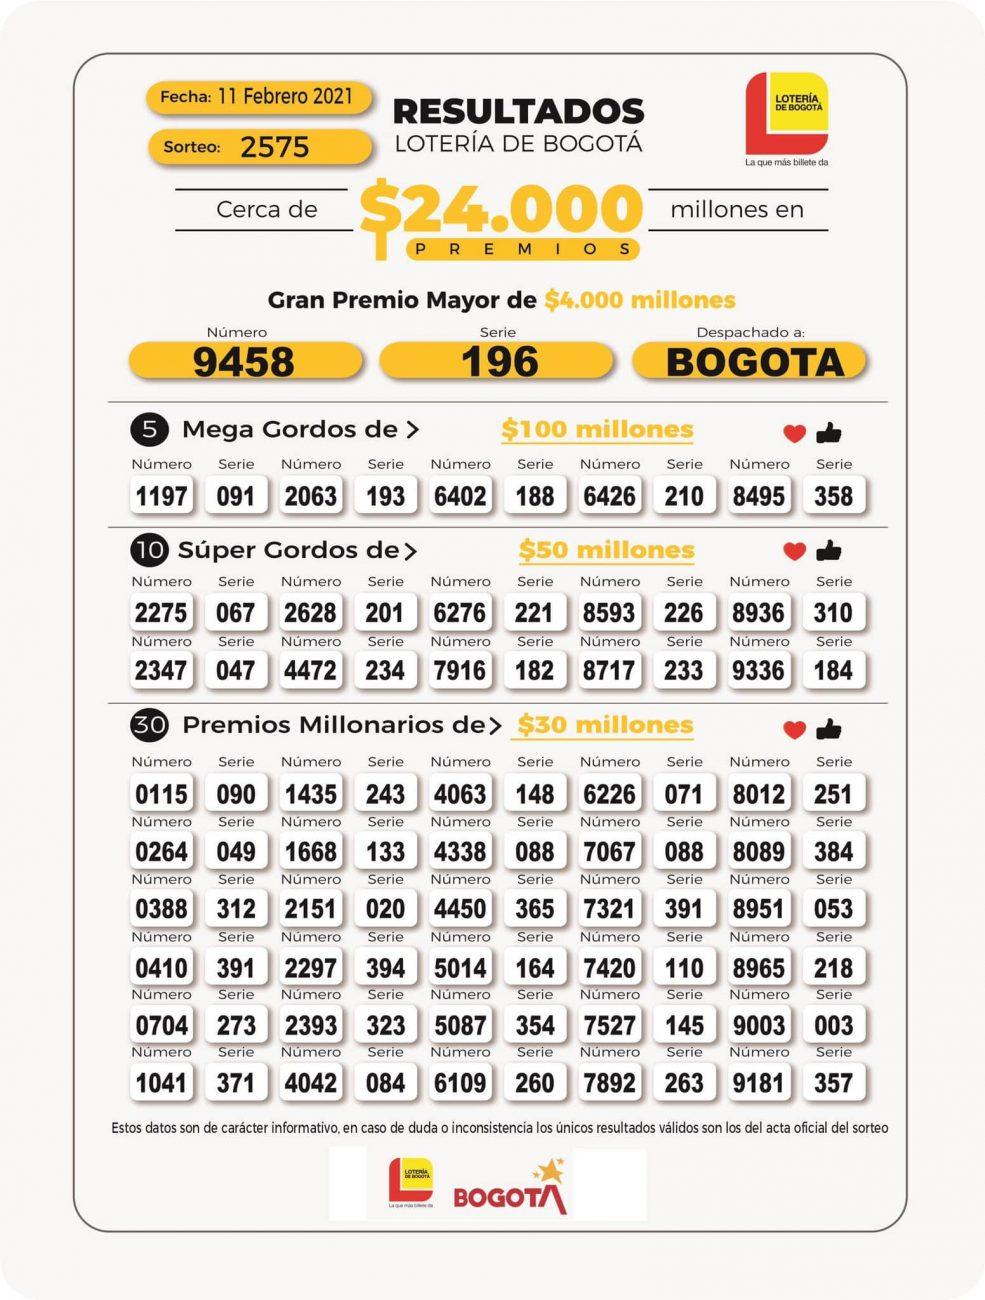 Lotería de Bogotá resultados 11 de febrero 2021